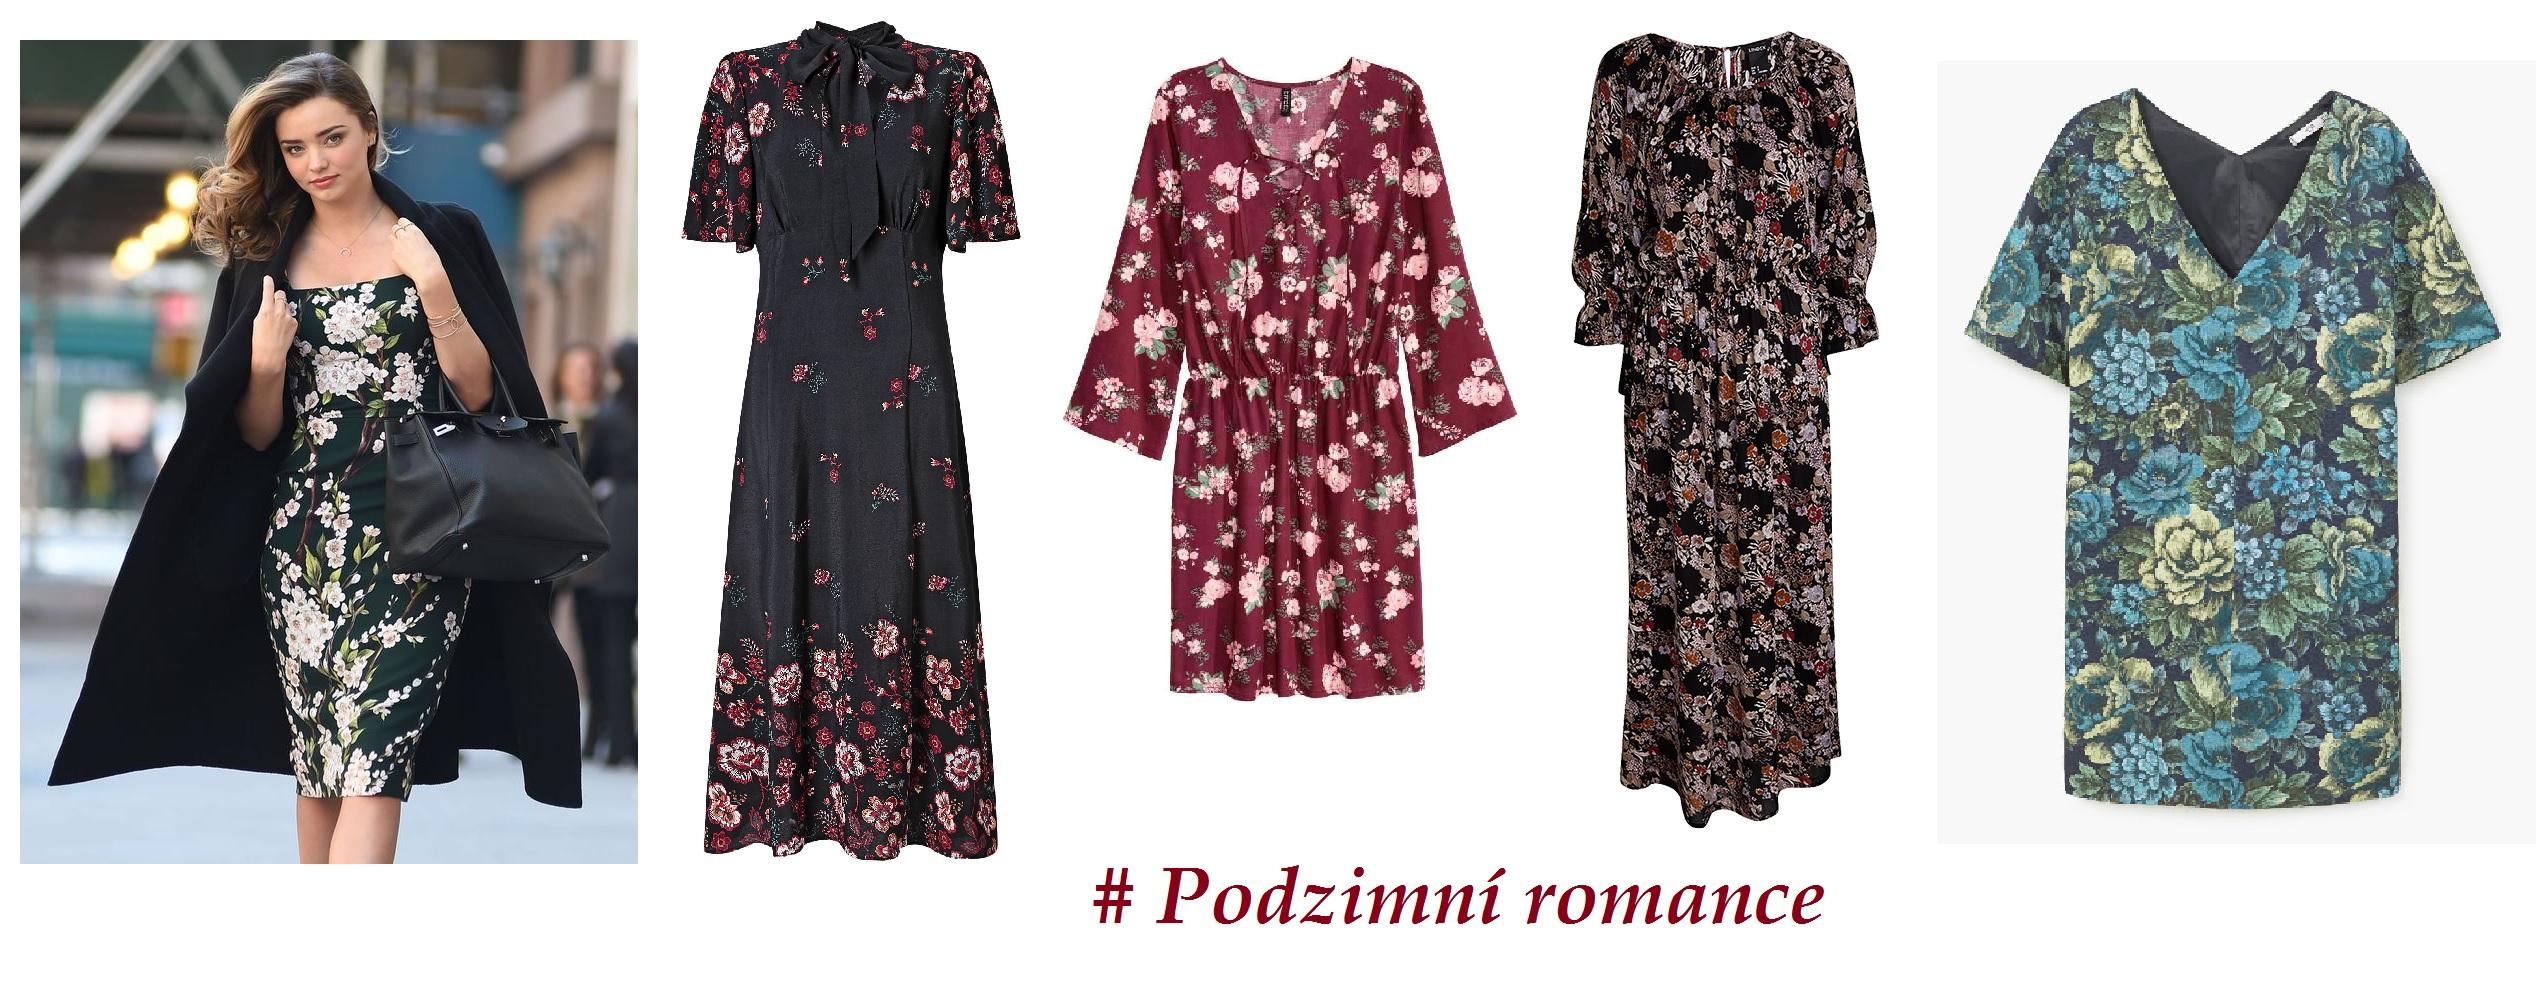 Nejkrásnější podzimní šaty - Blog by Palladium 5c30df17b1